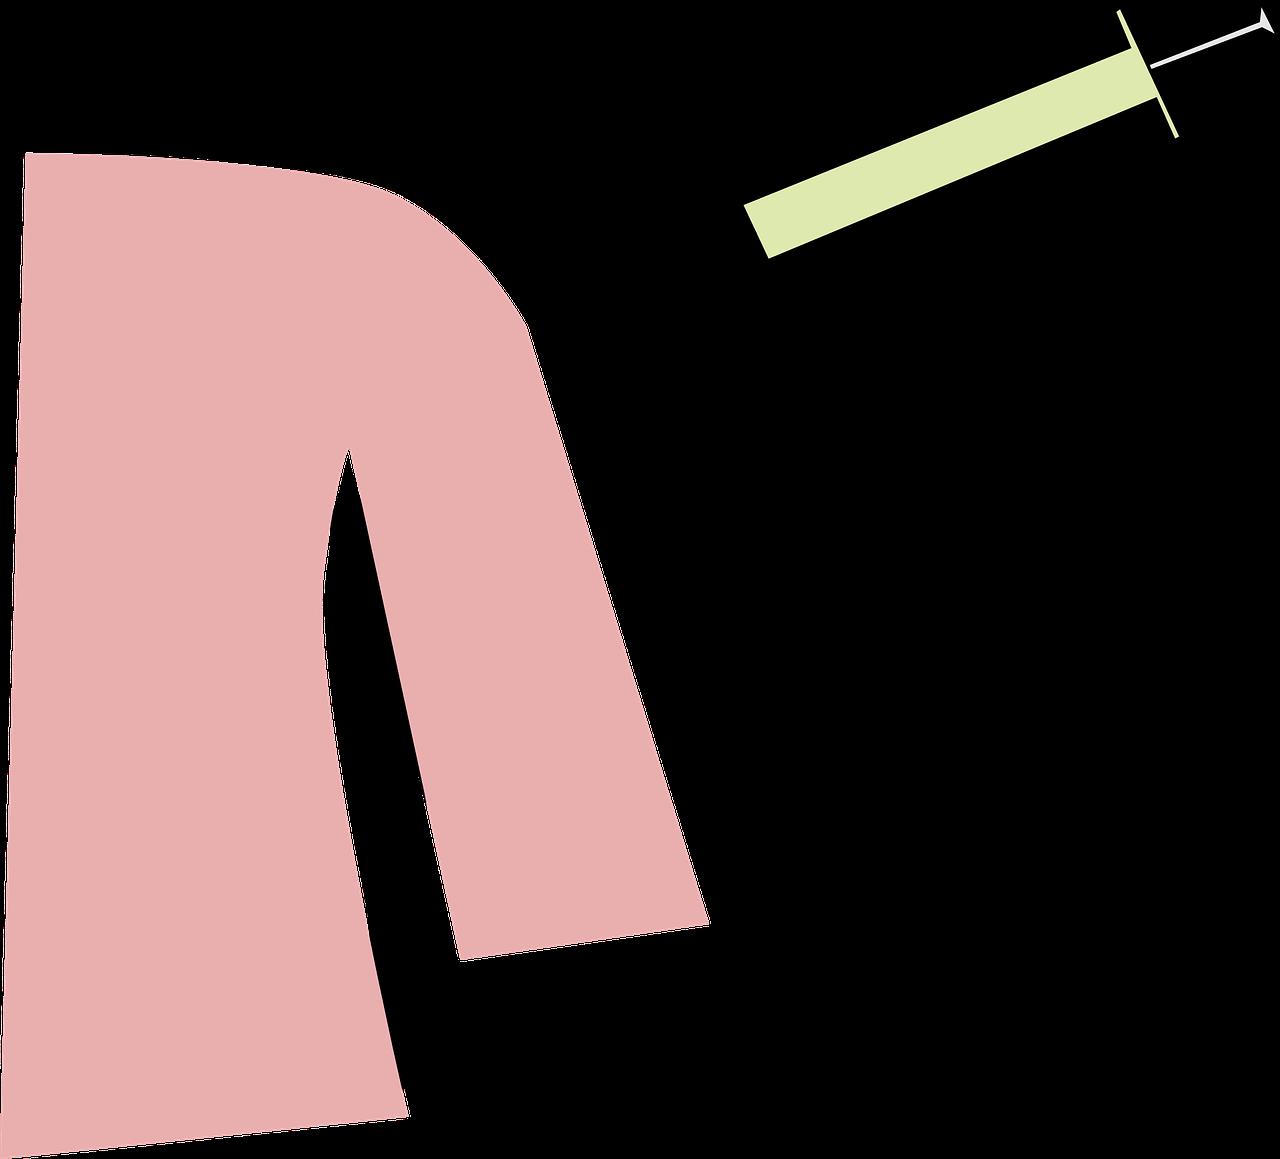 bulaşıcı hastalıklara karşı aşı